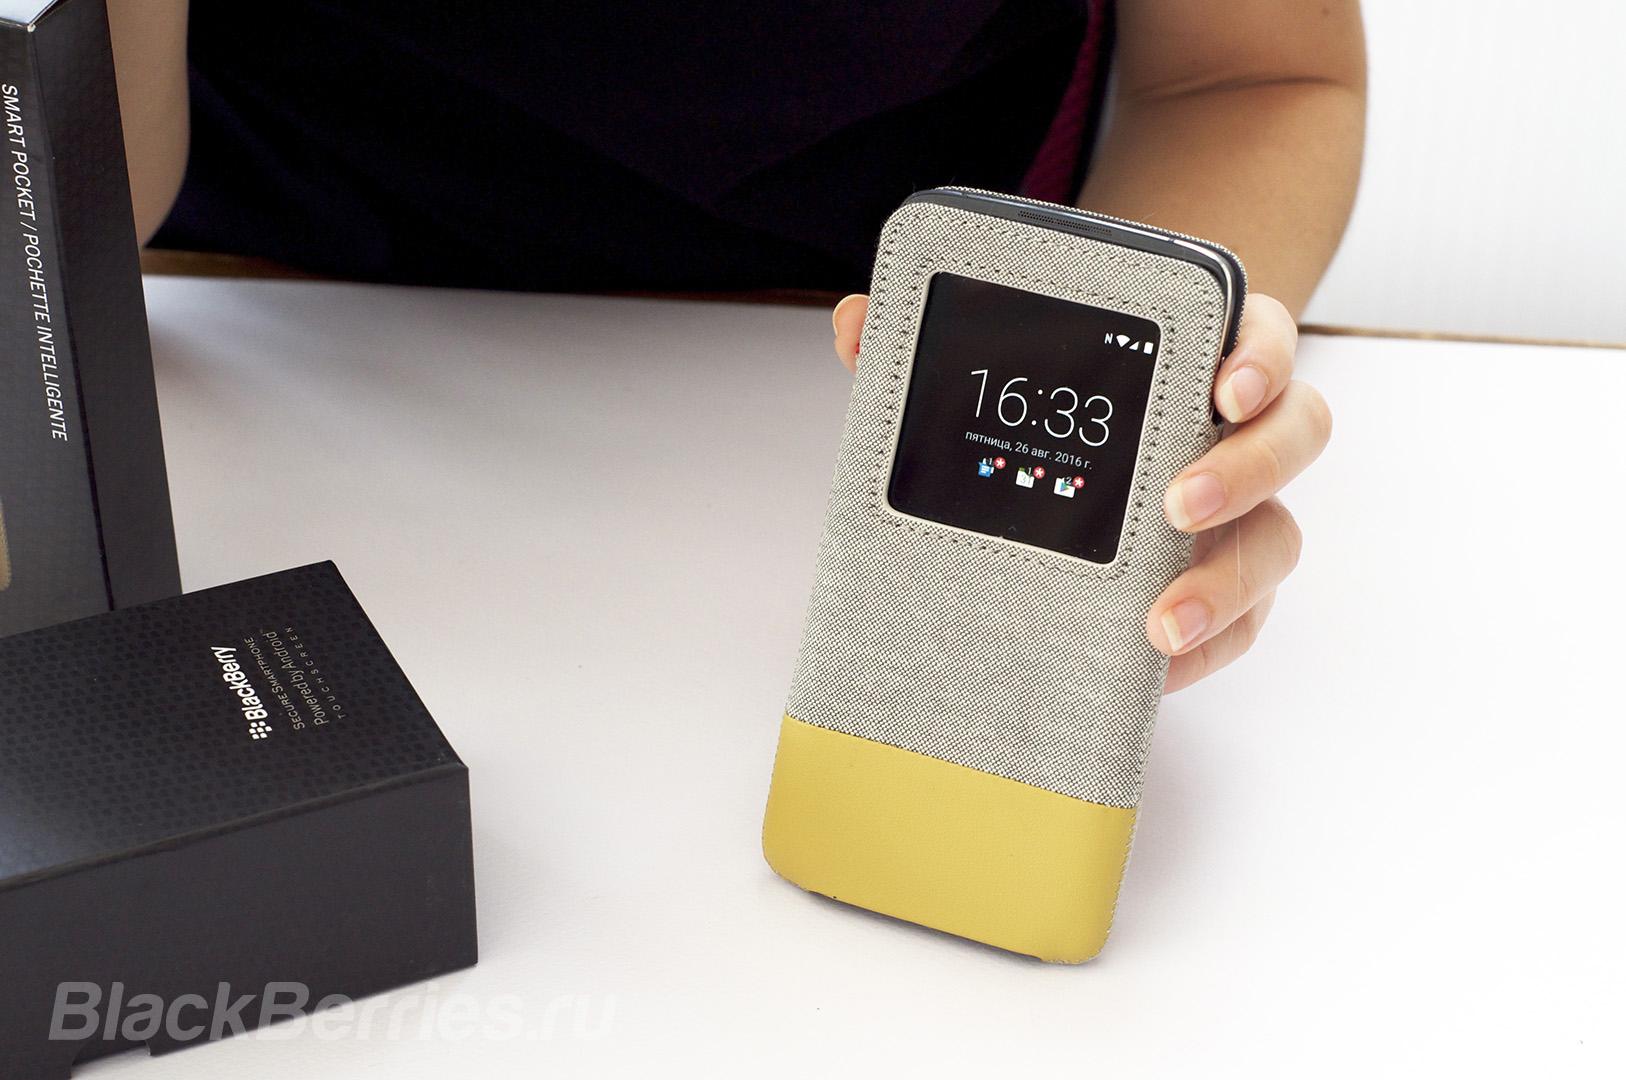 BlackBerry-DTEK50-Cases-12